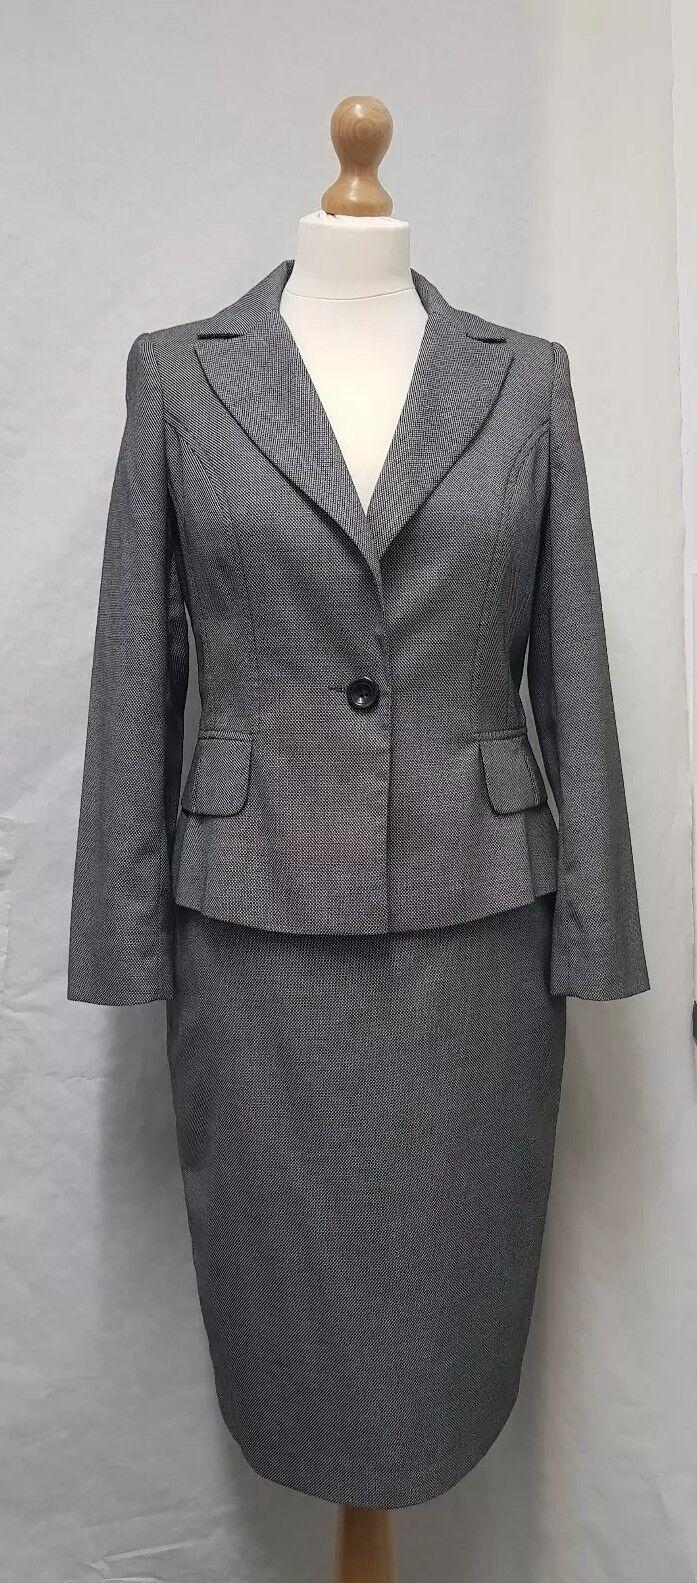 Wallis Petite Skirt Suit Size  8 Grey Business Suit Womens Tailored Suit